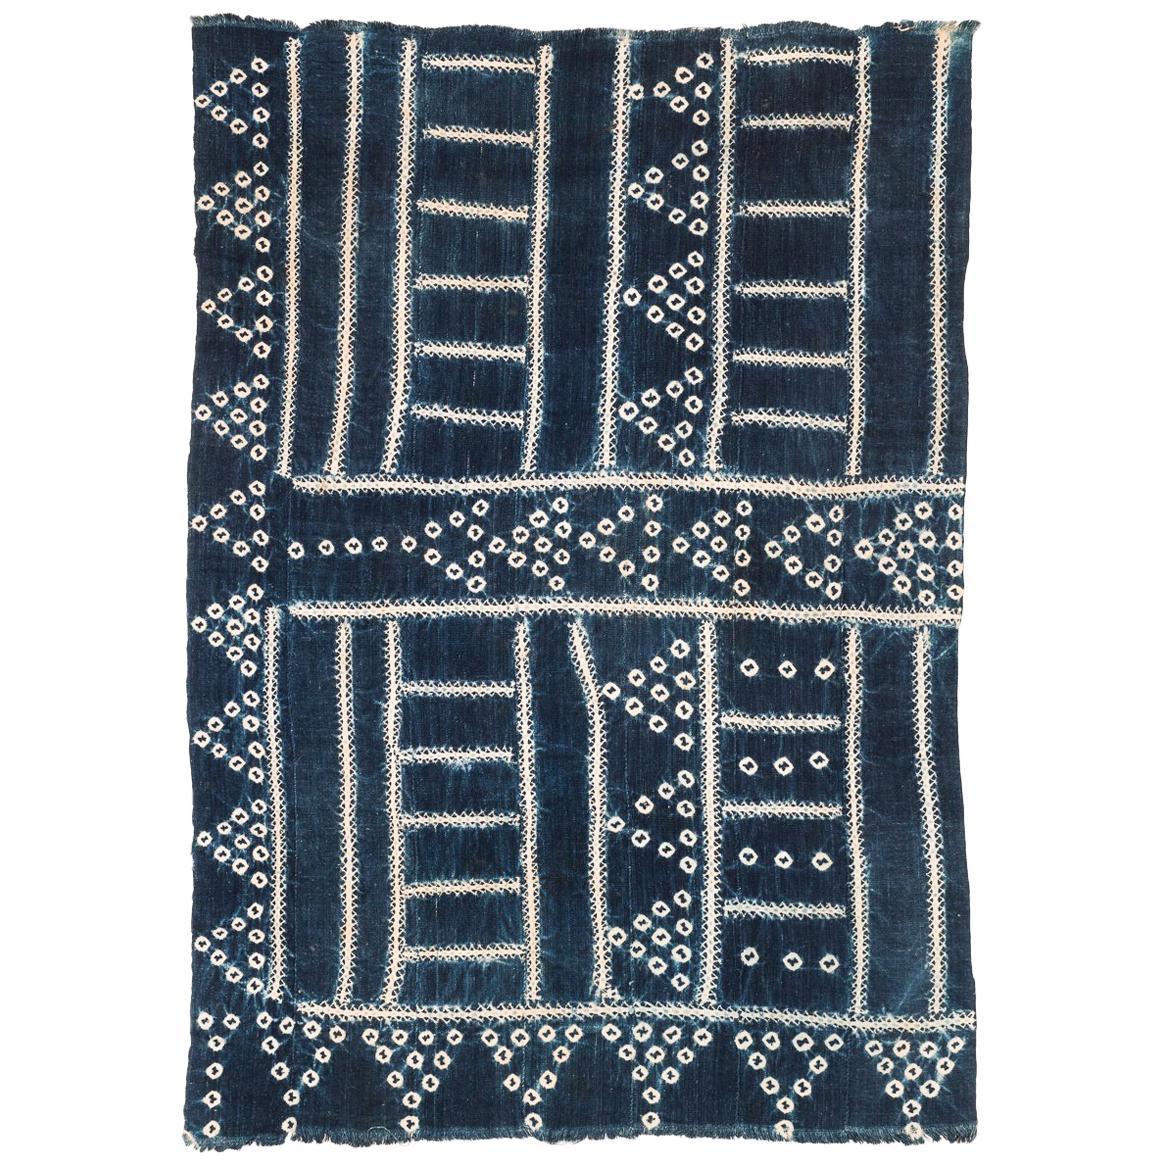 West African Indigo Textile